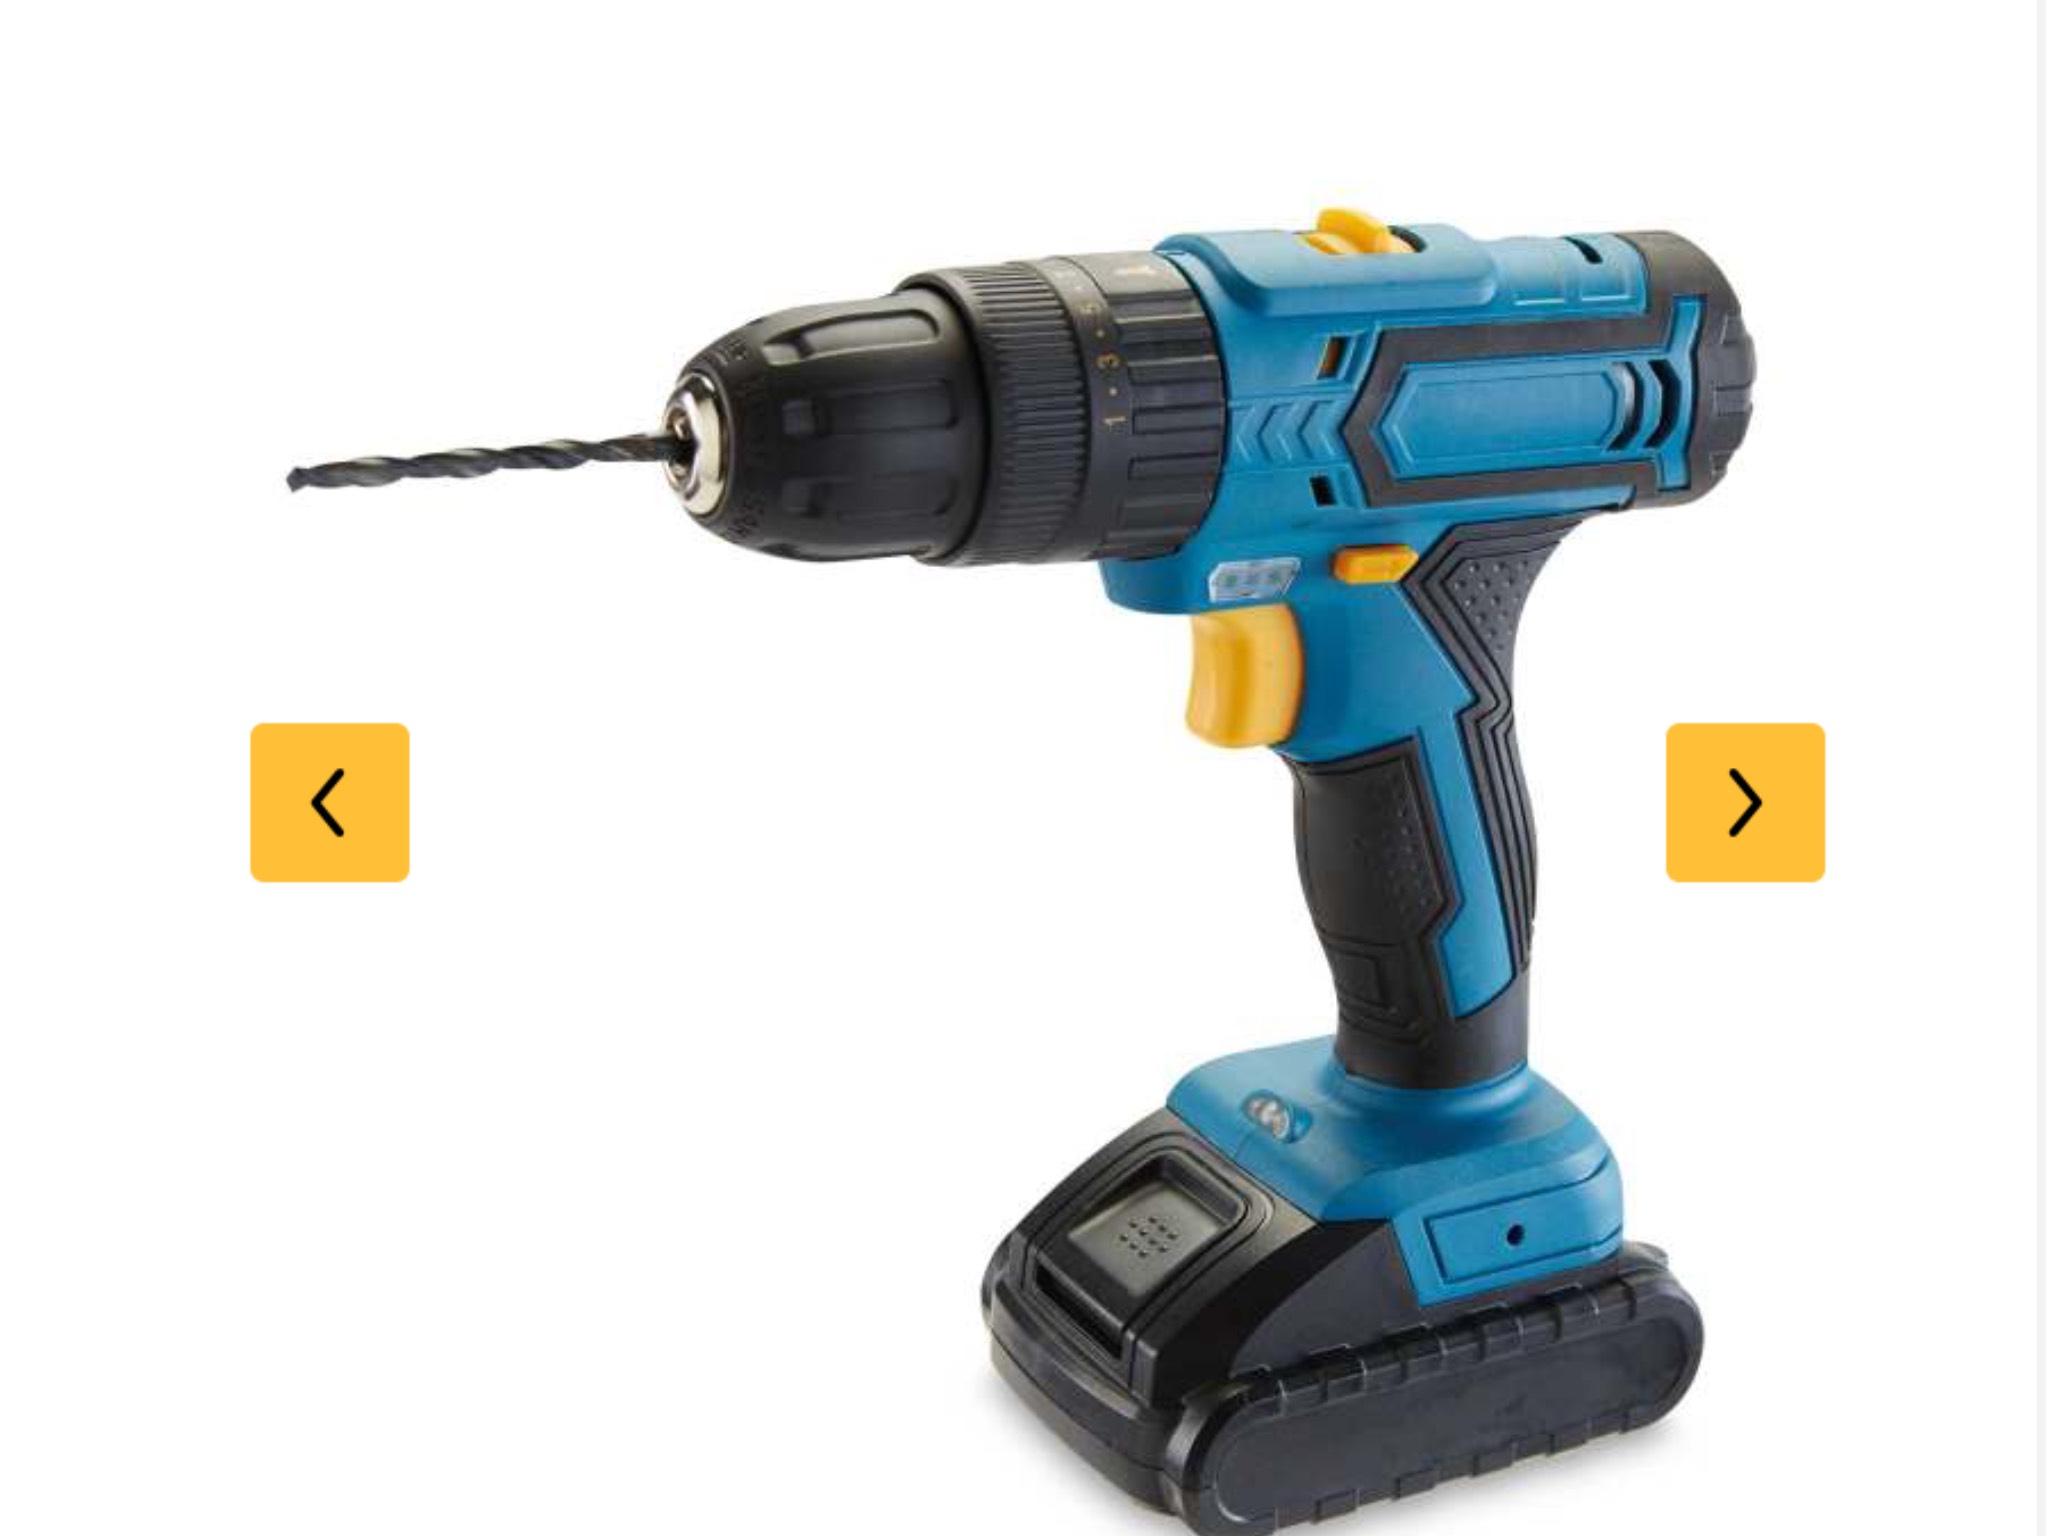 Workzone cordless hammer drill / driver £24.99 delivered @ Aldi